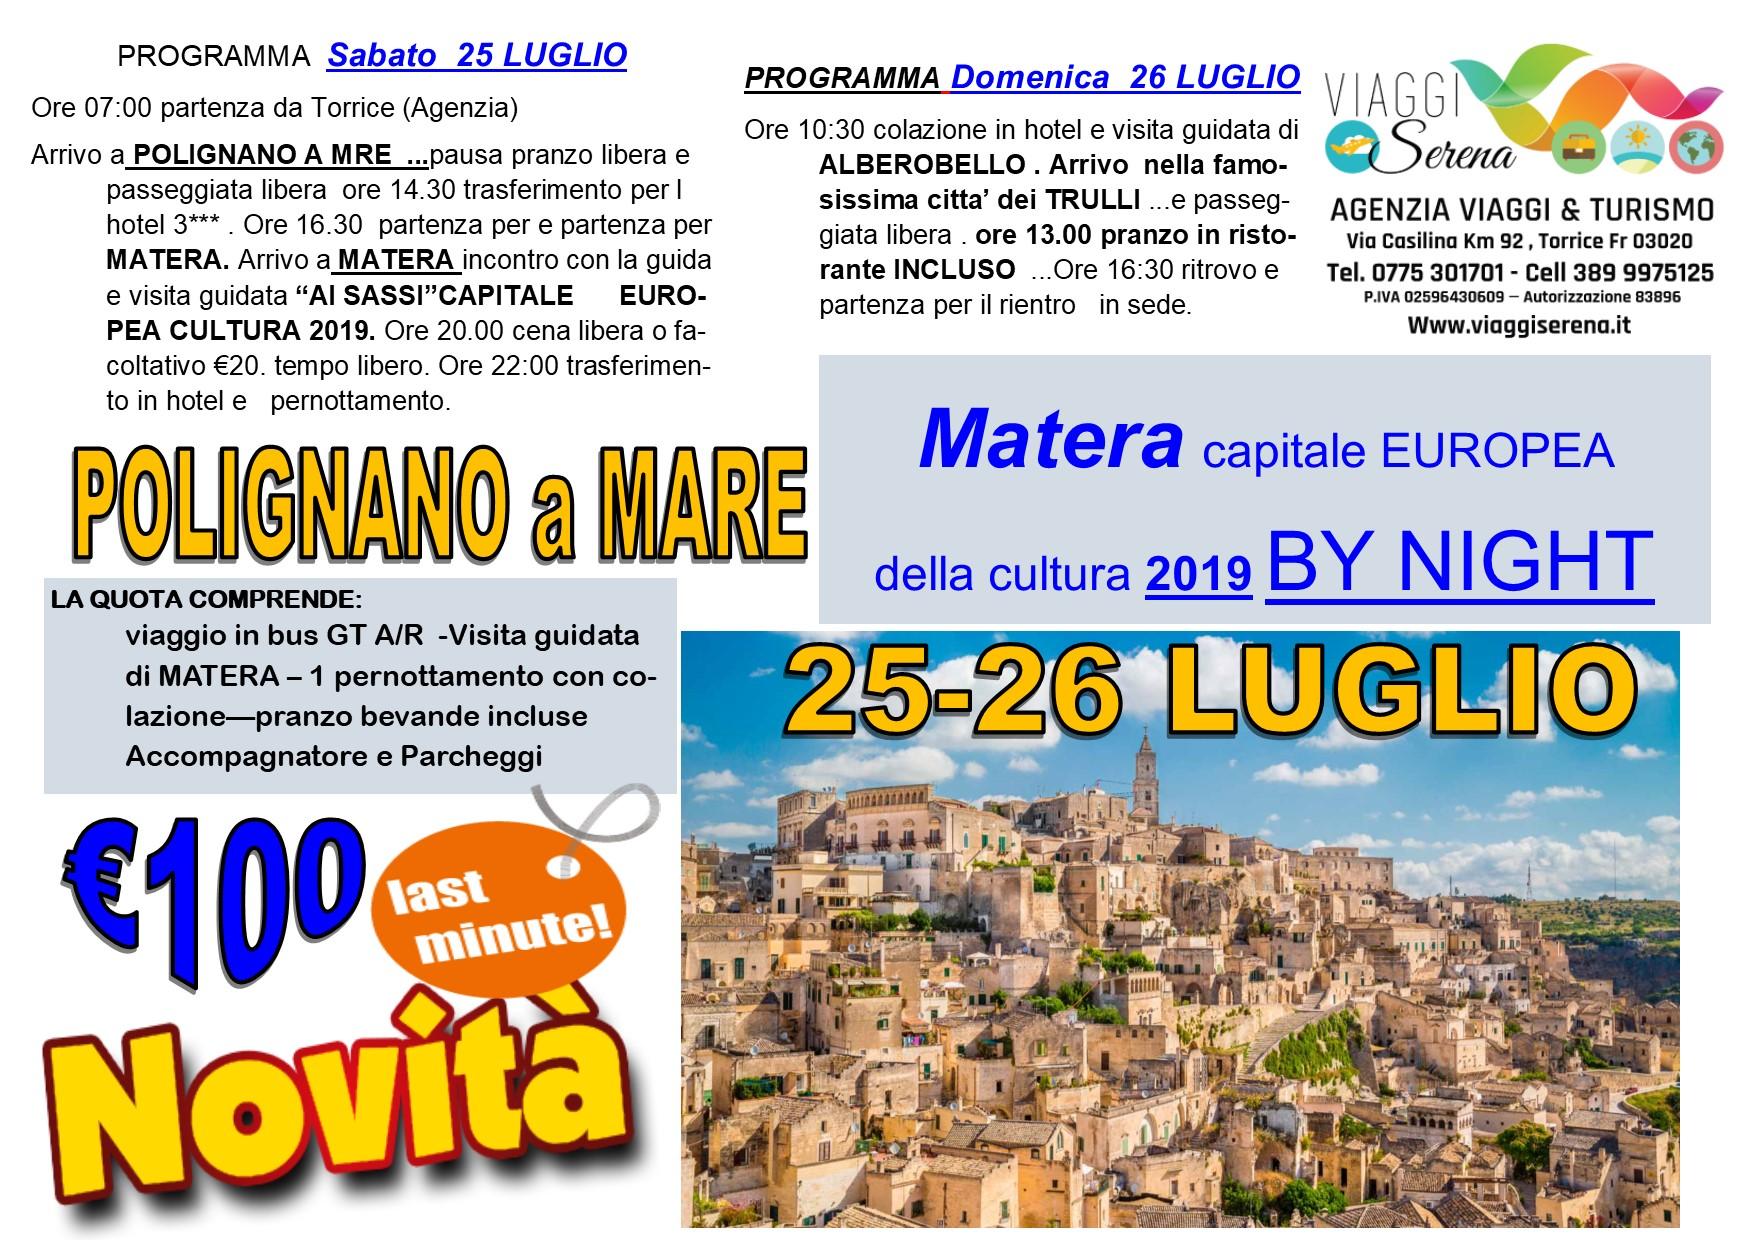 Viaggi di Gruppo: MATERA by night , Polignano a mare & Alberobello 25-26 Luglio € 100,00